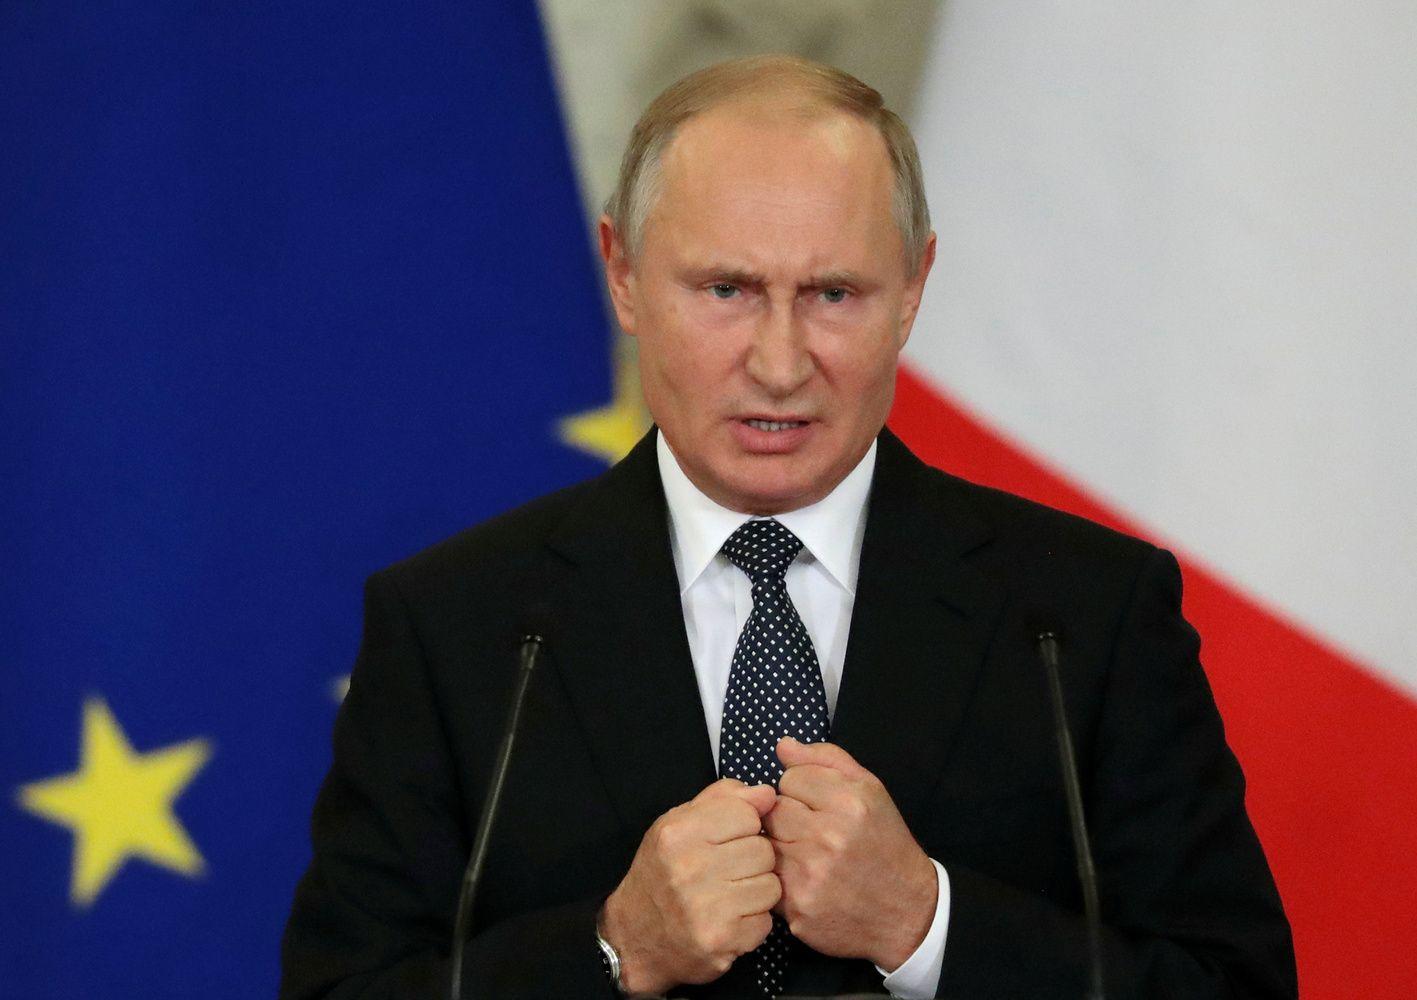 Putinas įspėjo apie galimas naujas ginklavimosi varžybas ir grėsmę Europai